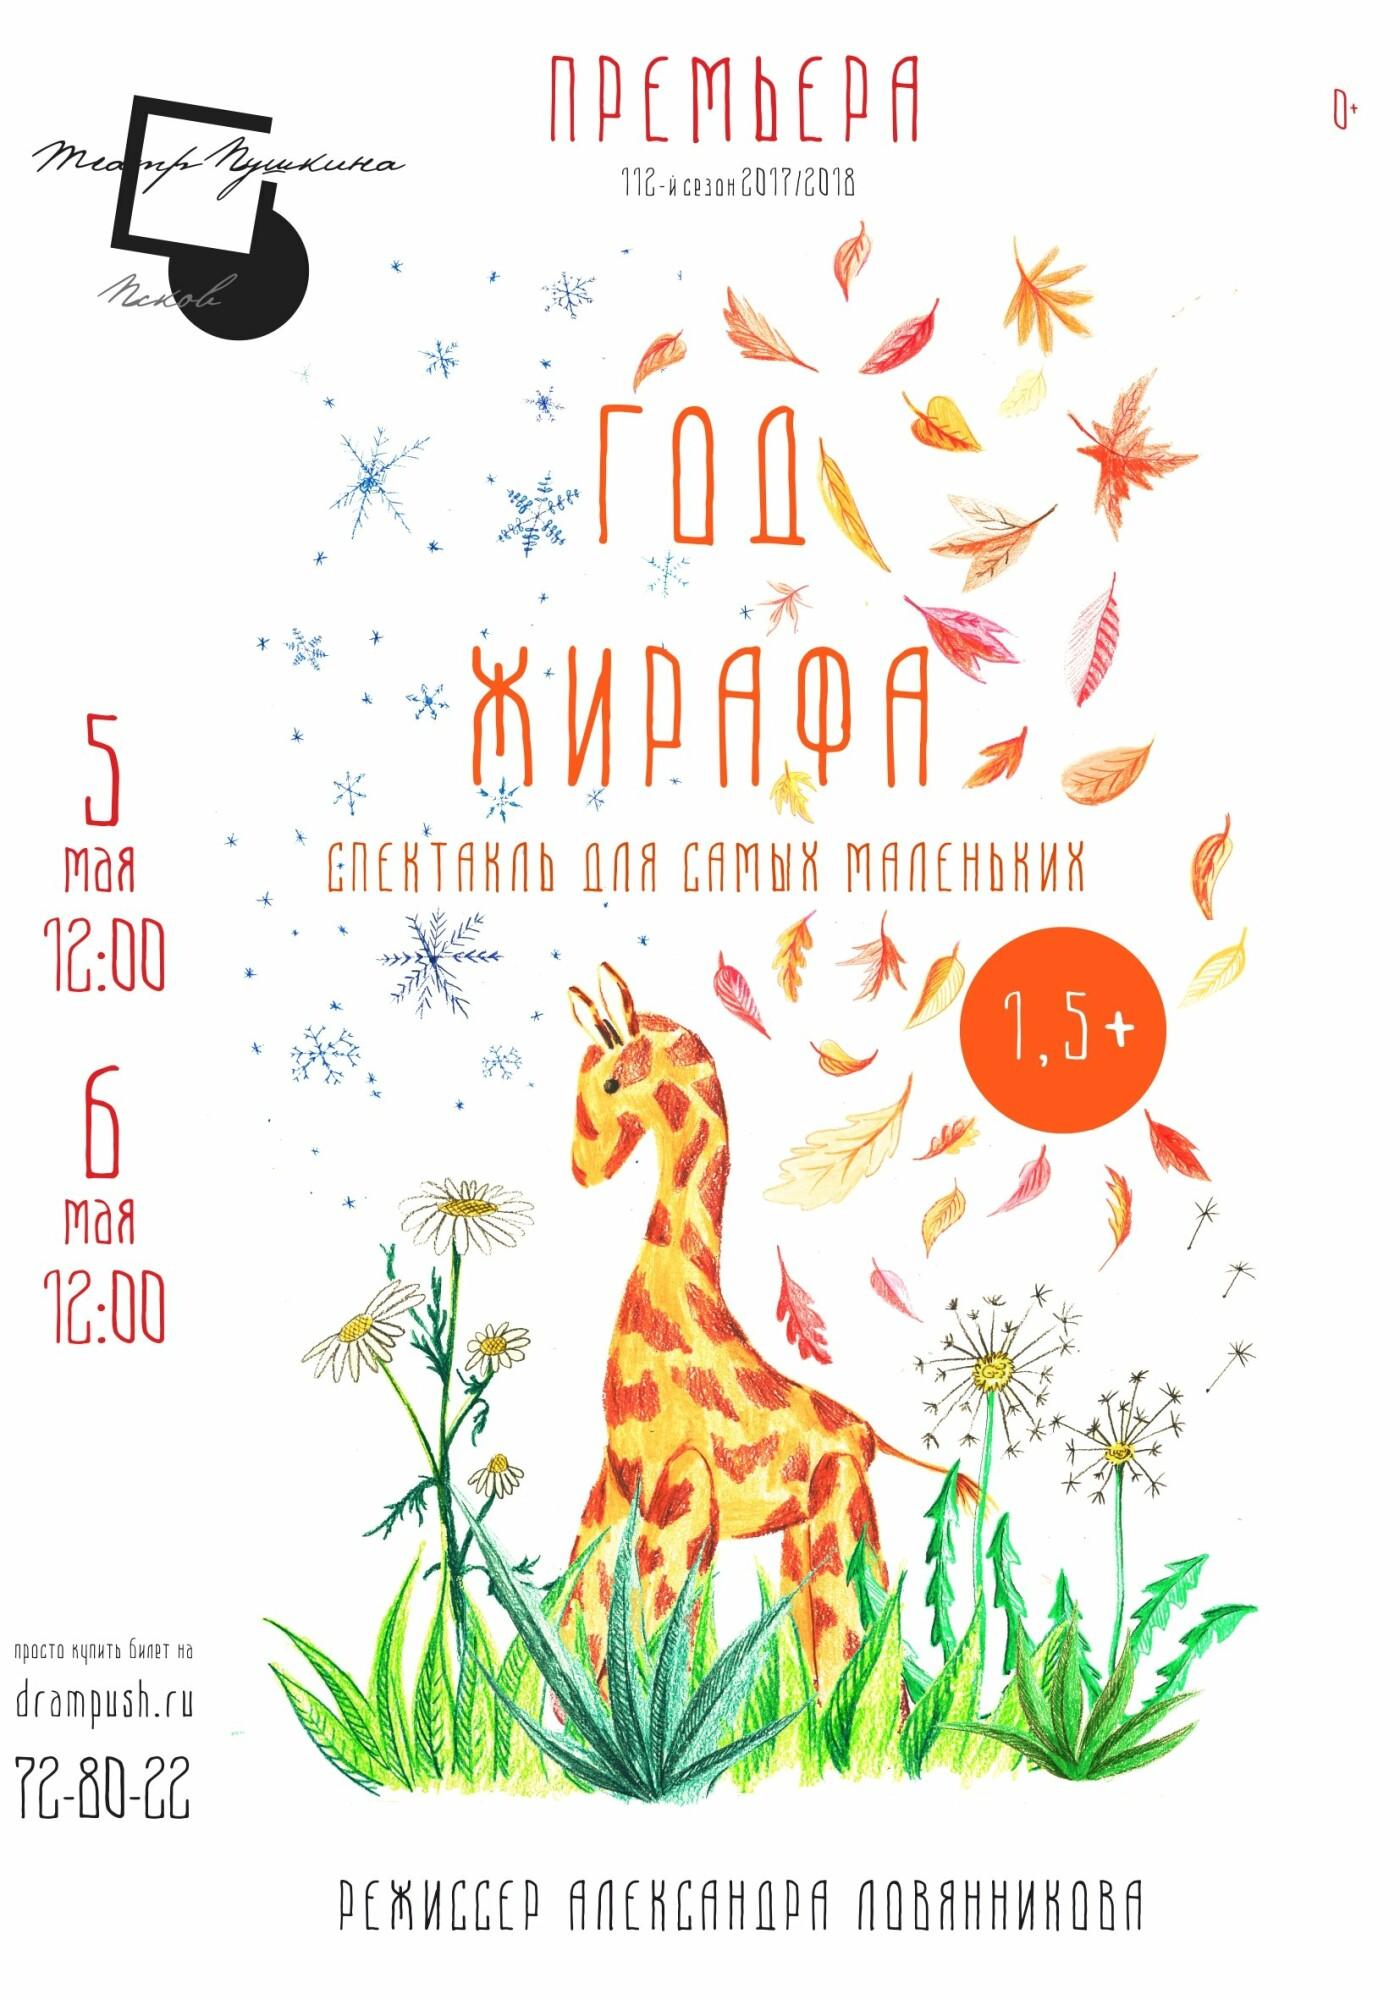 Впервые Псковский театр драмы приглашает на спектакль детей с 1,5 лет, фото-1